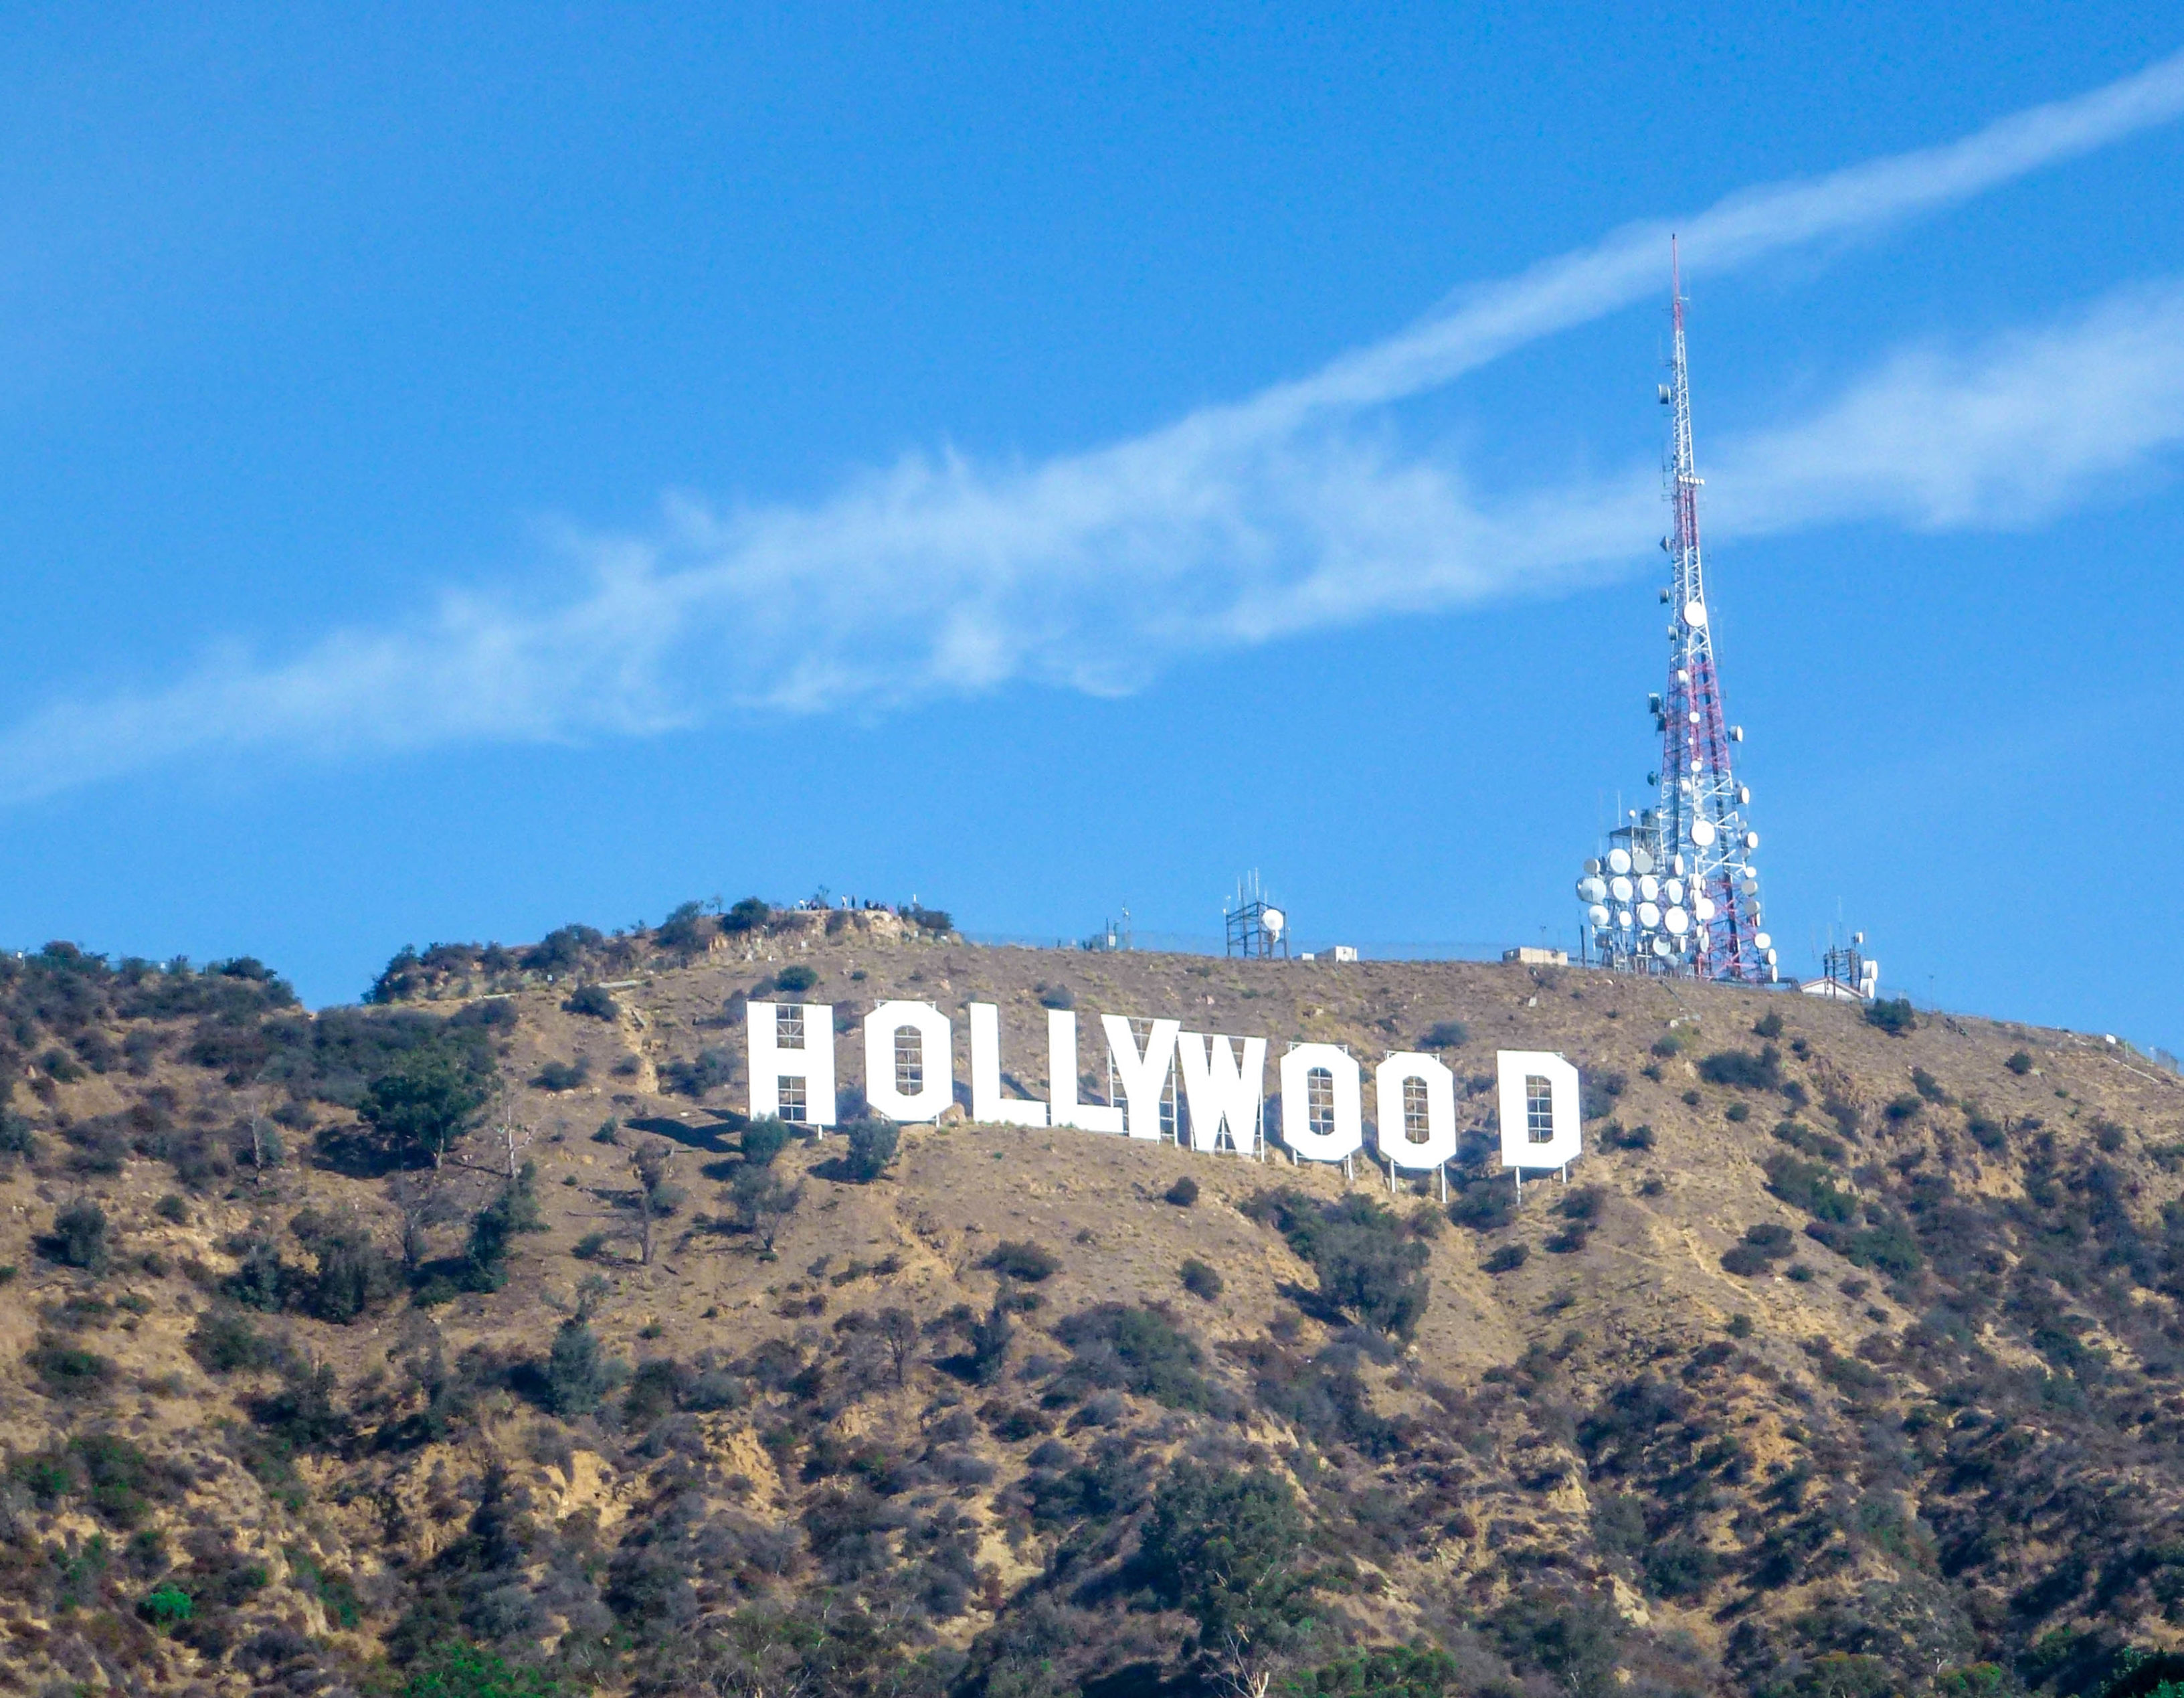 מגה וברק קליפורניה- לוס אנג'לס, סנטה מוניקה וסולבנג: הפקנו את המיטב בהחלט IK-32